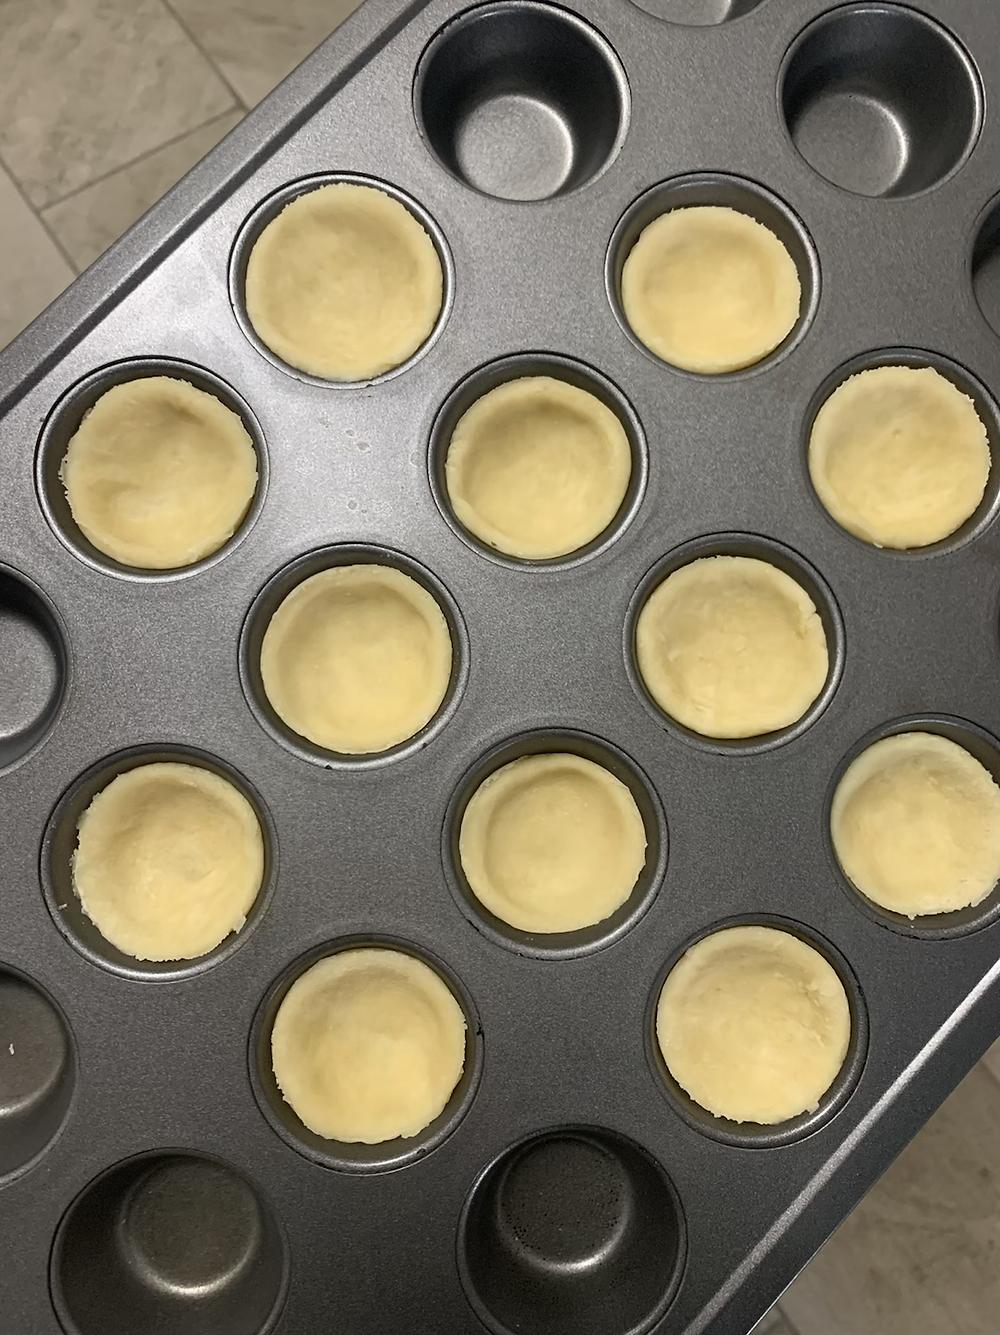 Pie crust in mini-muffin tin